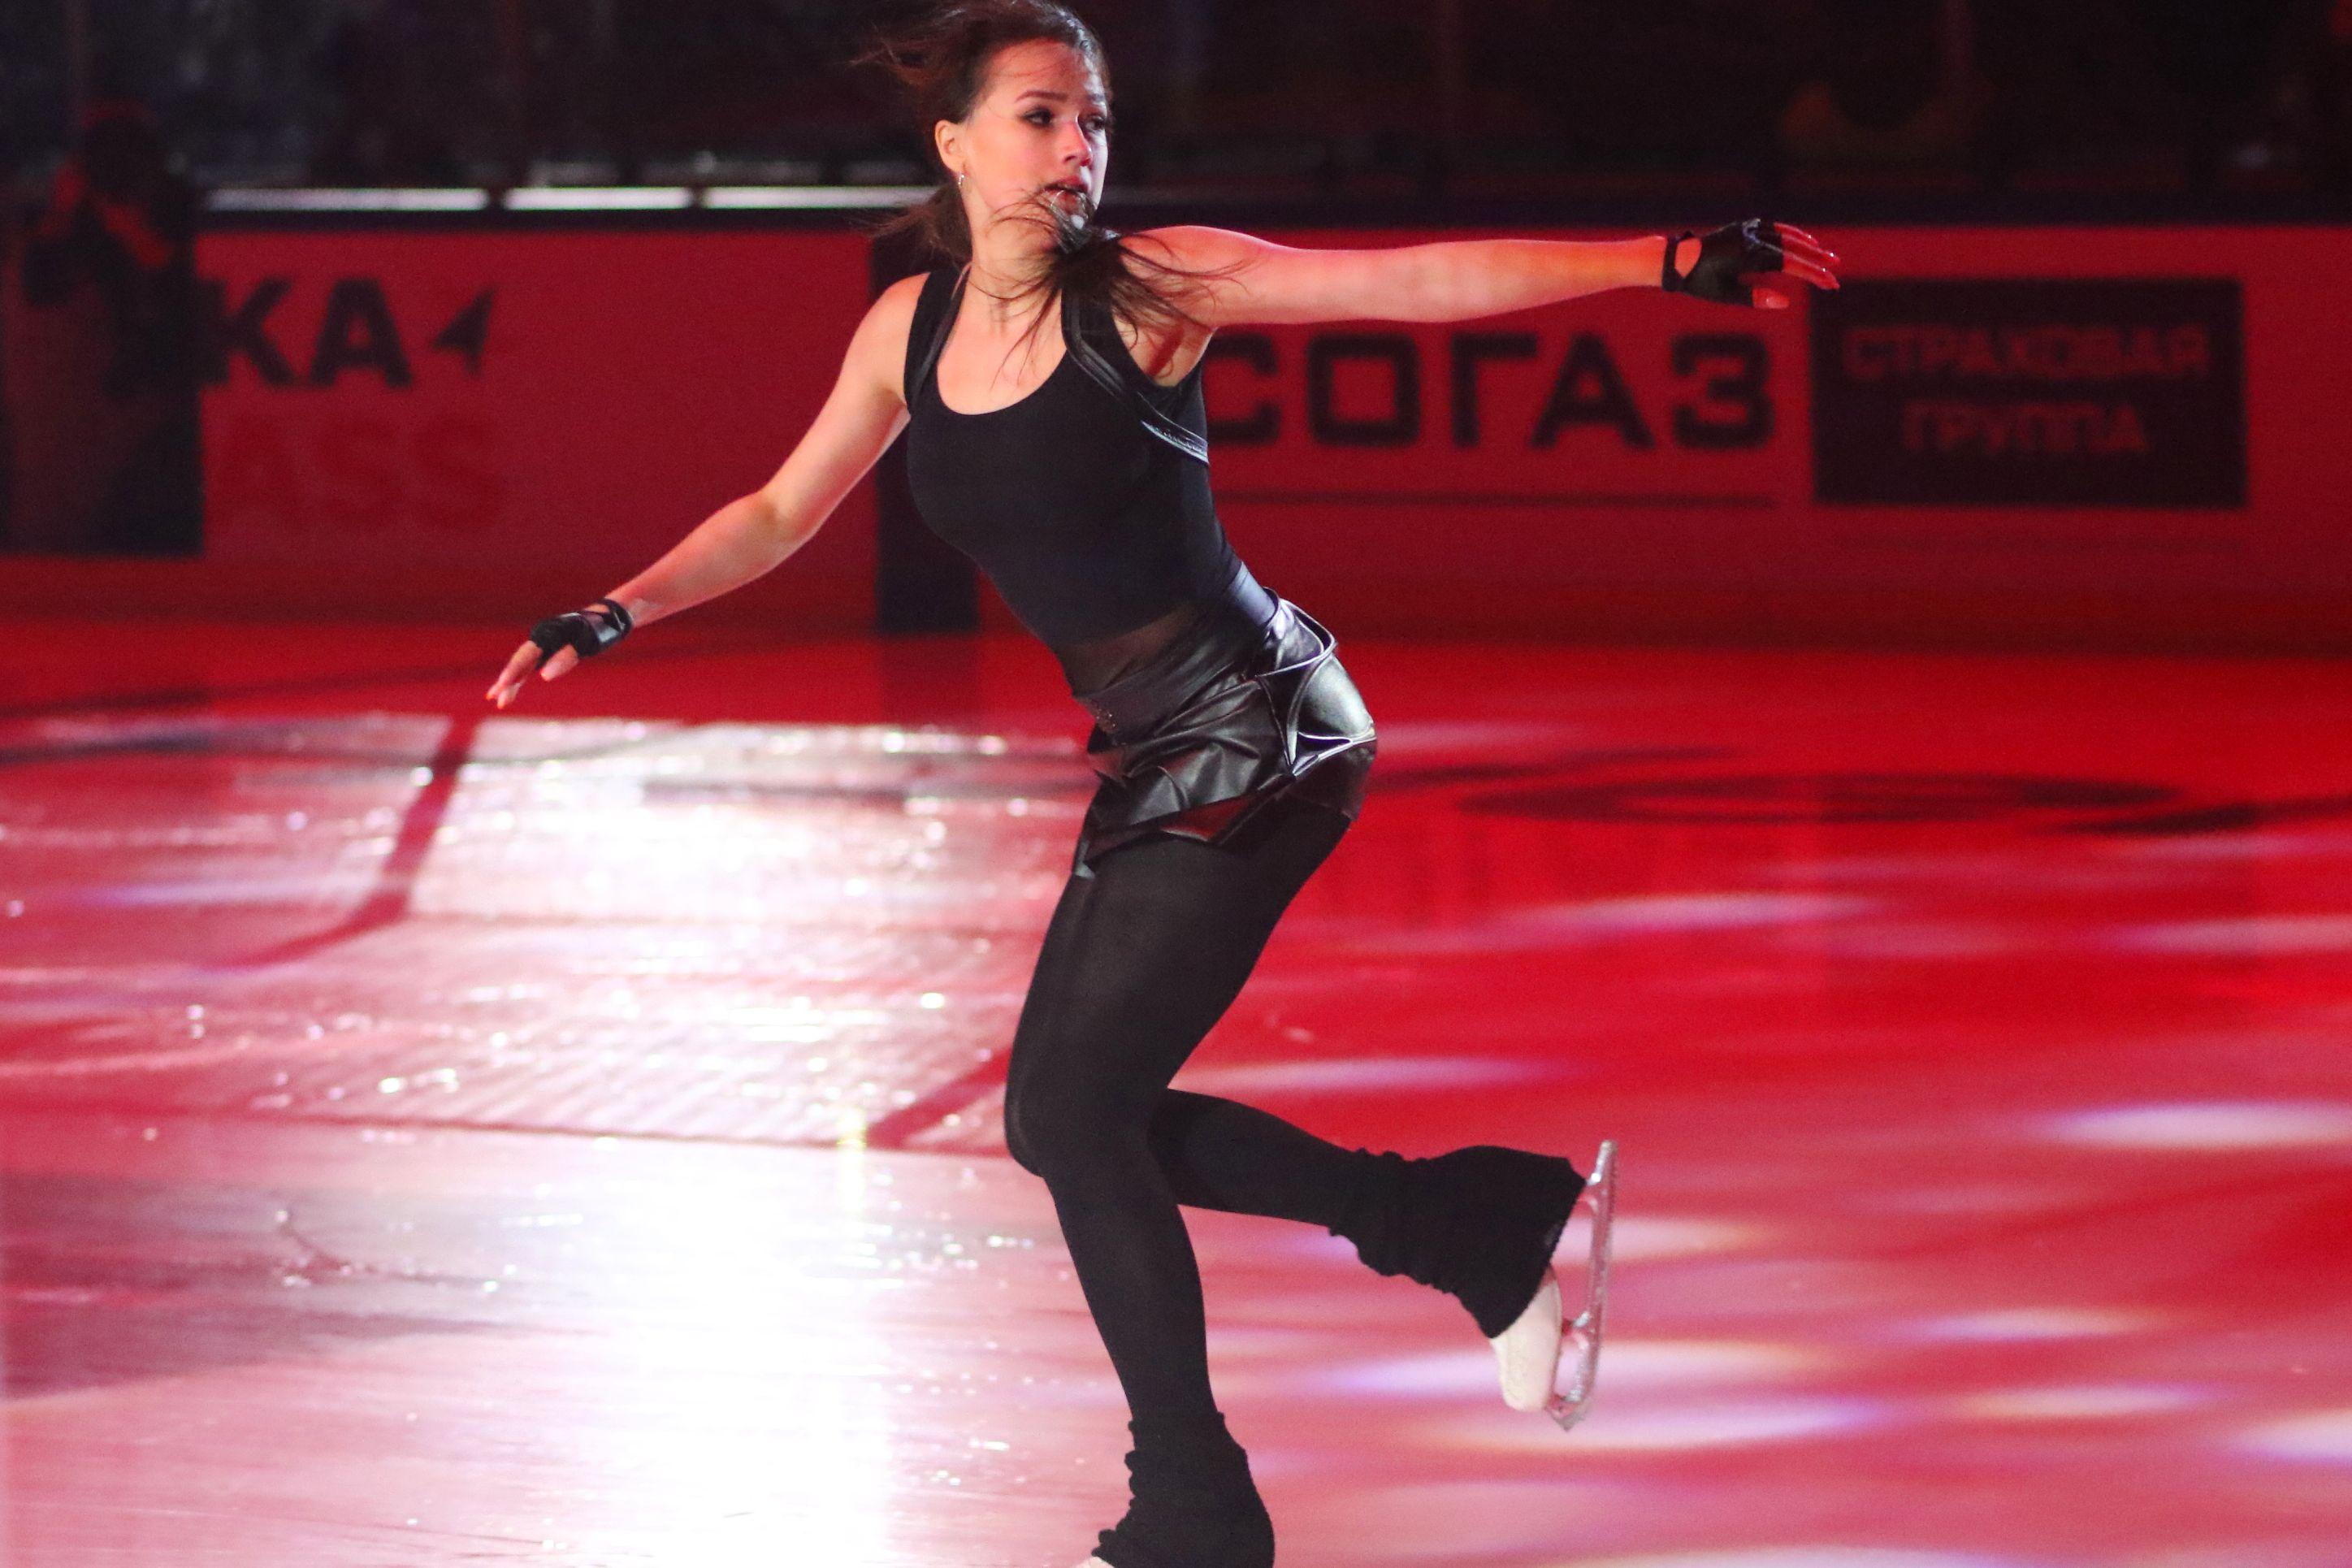 Французский хореограф: 'Расстраивает, когда исчезают такие чемпионки, как Загитова и Медведева'